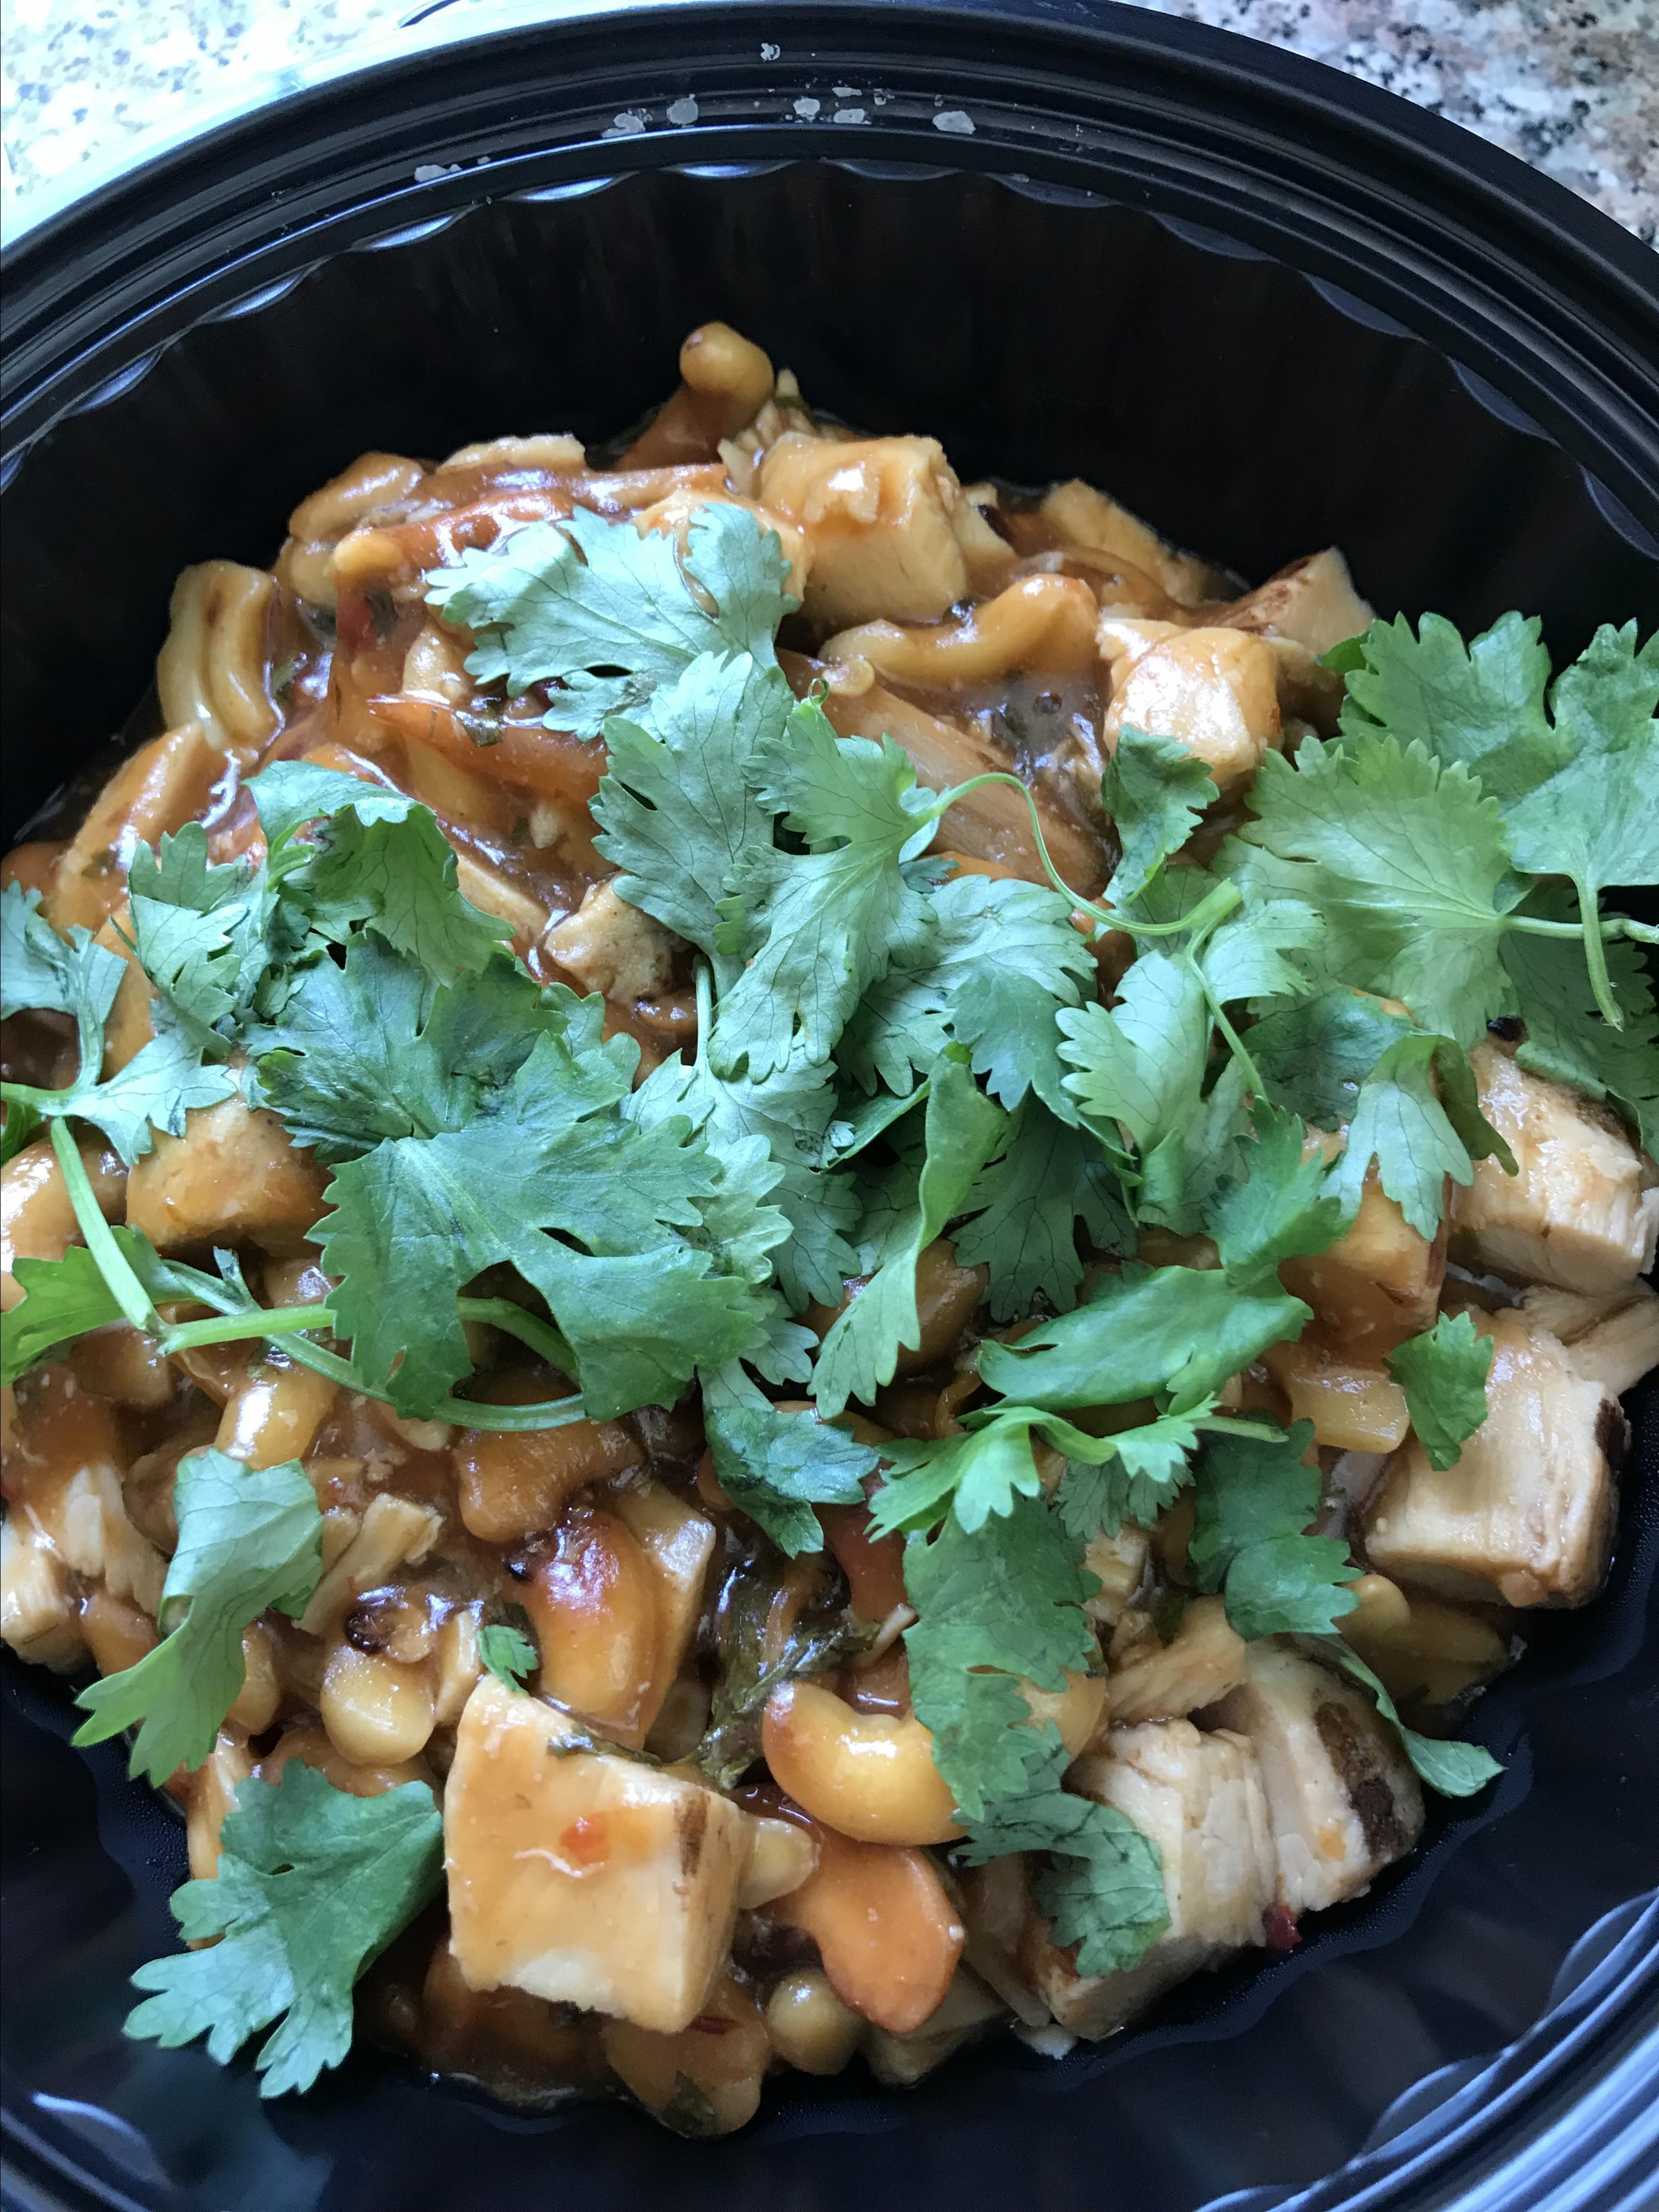 Chef John's Cashew Chicken Melissa Medina-Rojan